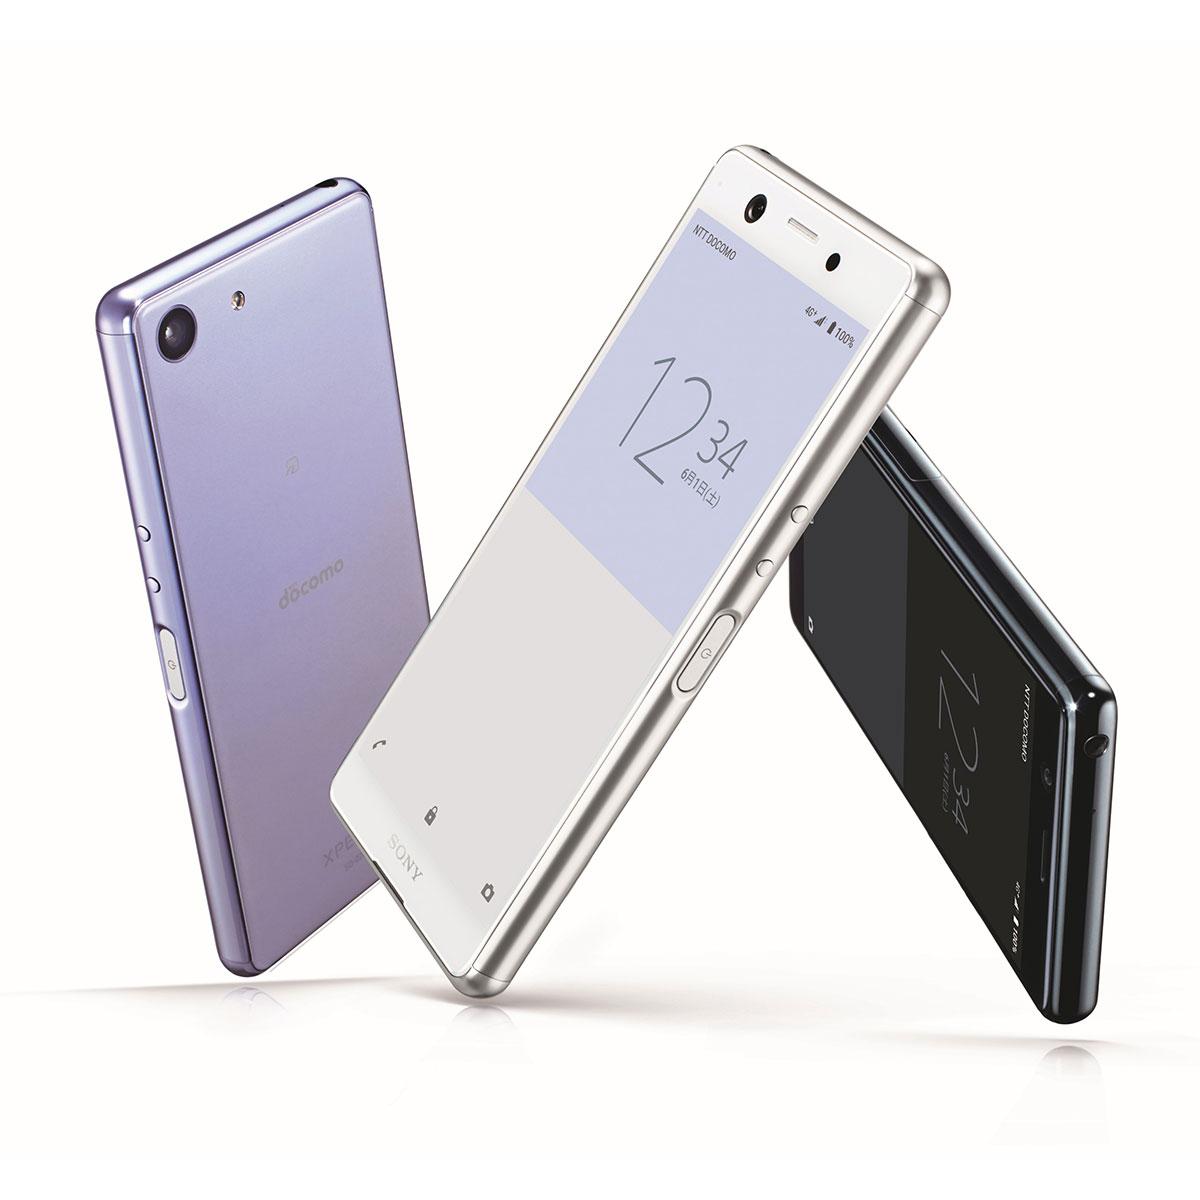 【今週発売の注目製品】ドコモから、コンパクトな5.0型スマホ「Xperia Ace SO-02L」が登場